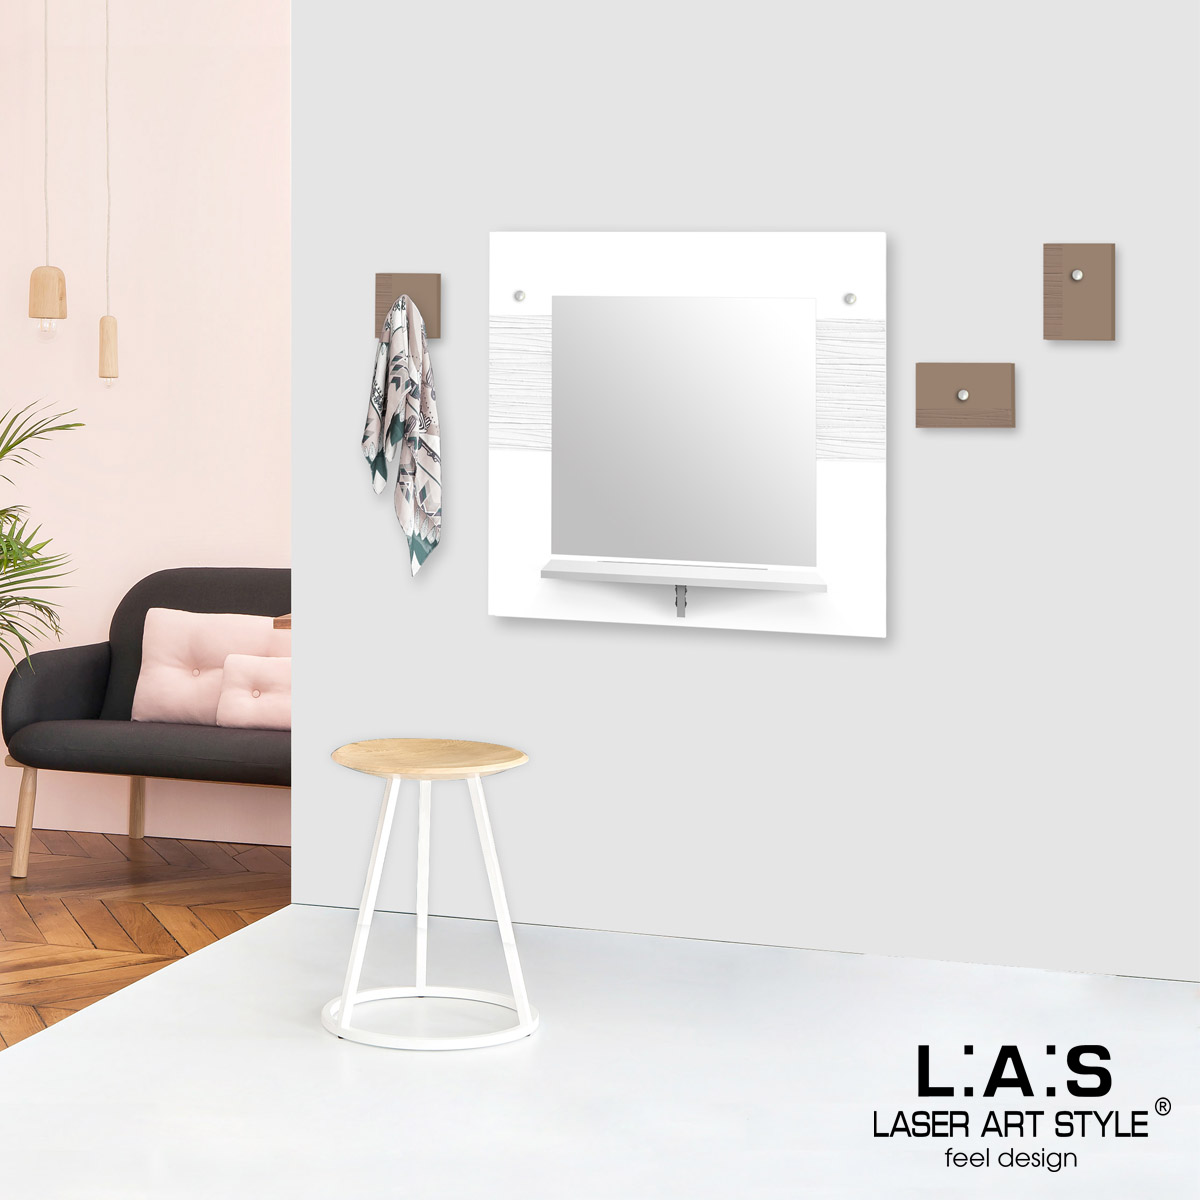 L:A:S - Laser Art Style - SPECCHIERA DESIGN MINIMAL – SI-471-M3 BIANCO-NOCCIOLA